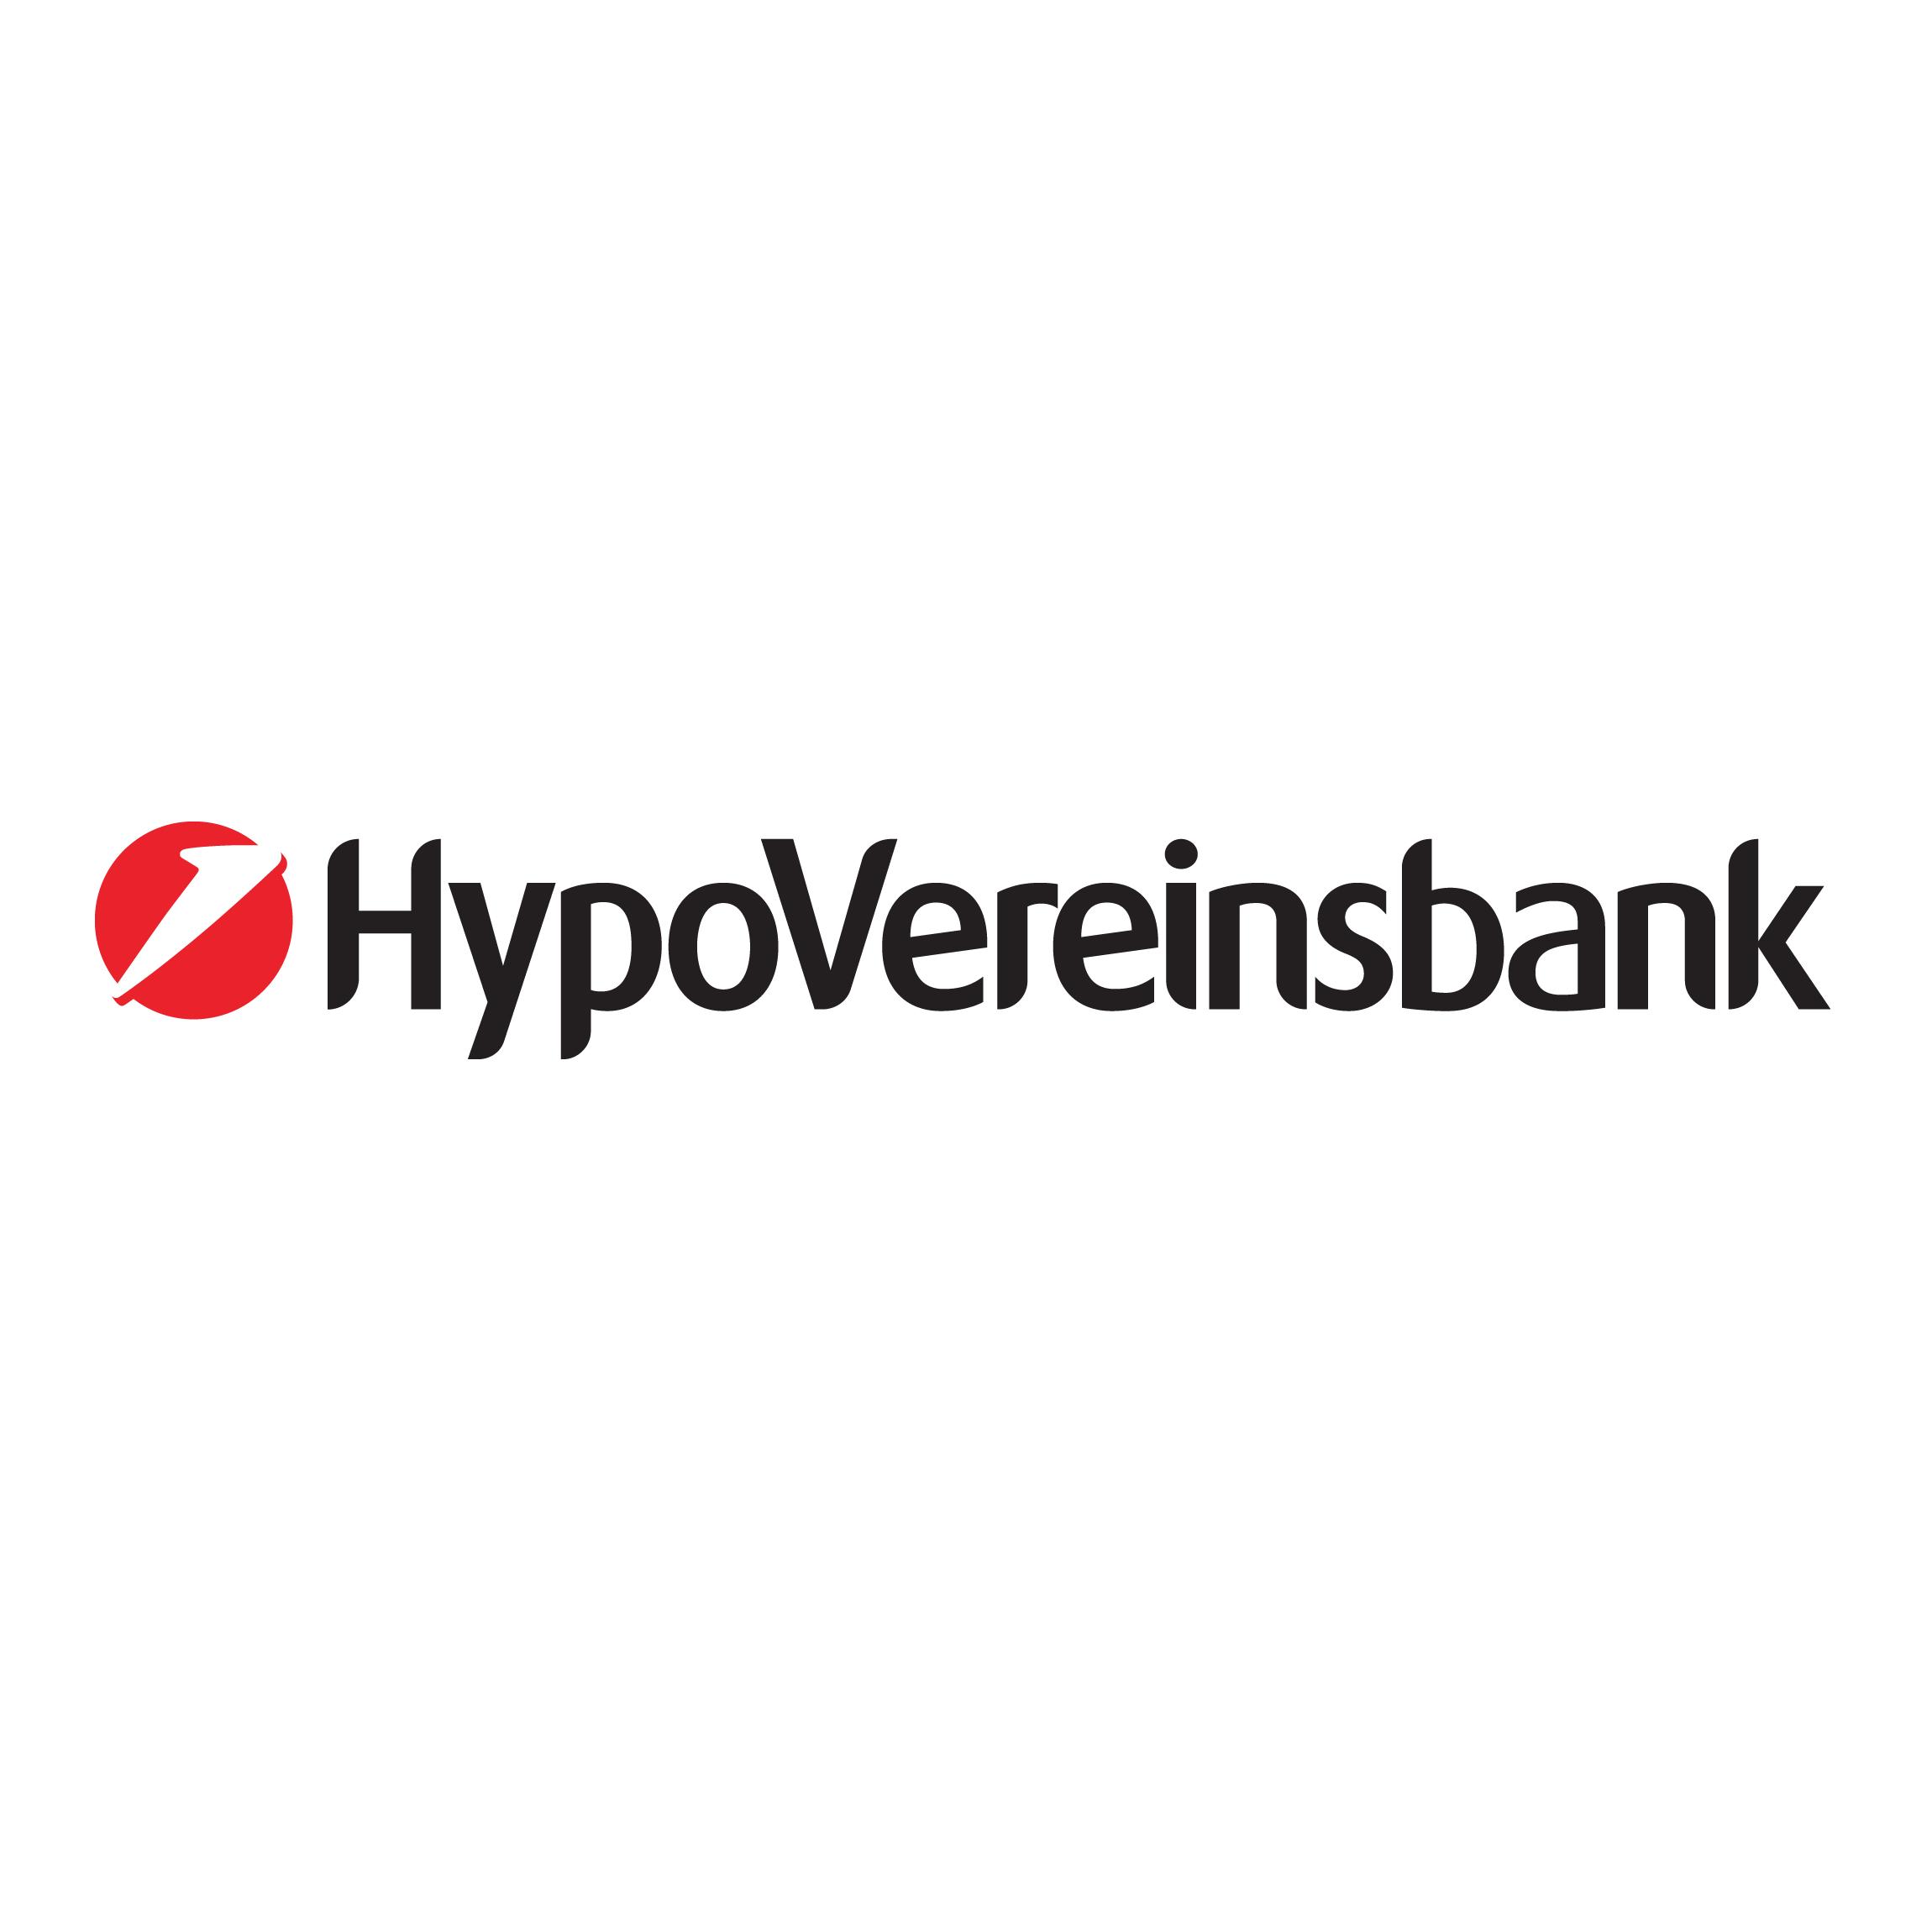 HypoVereinsbank Private Banking Landshut